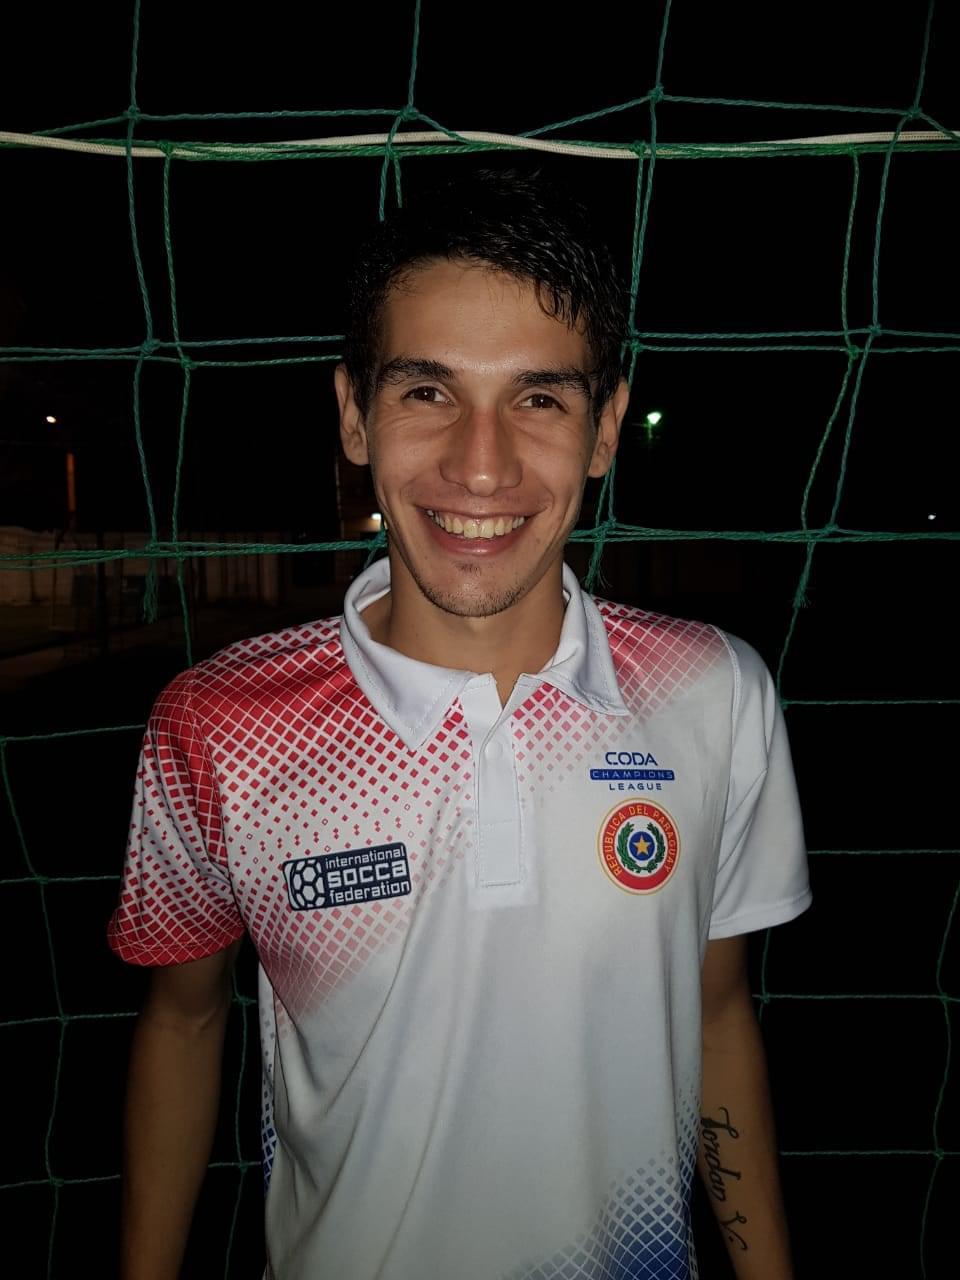 Ruben Antonio Aquino Sosa